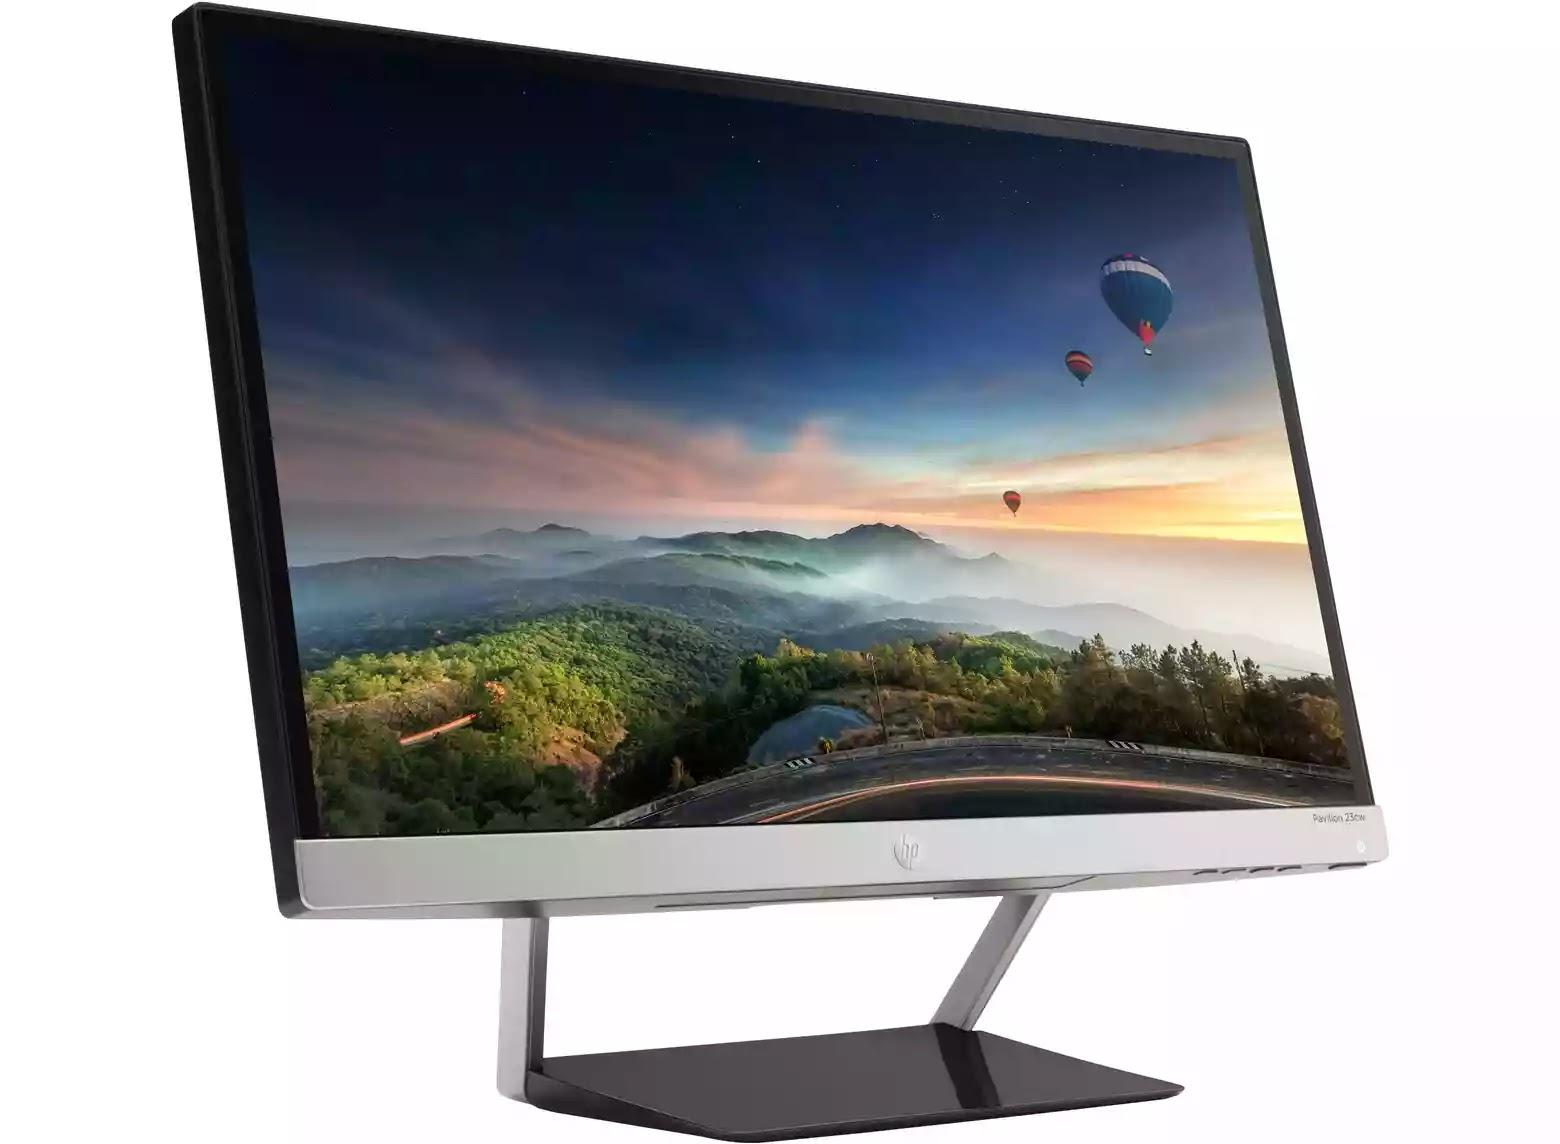 أسعار شاشات الكمبيوتر في مصر 2021